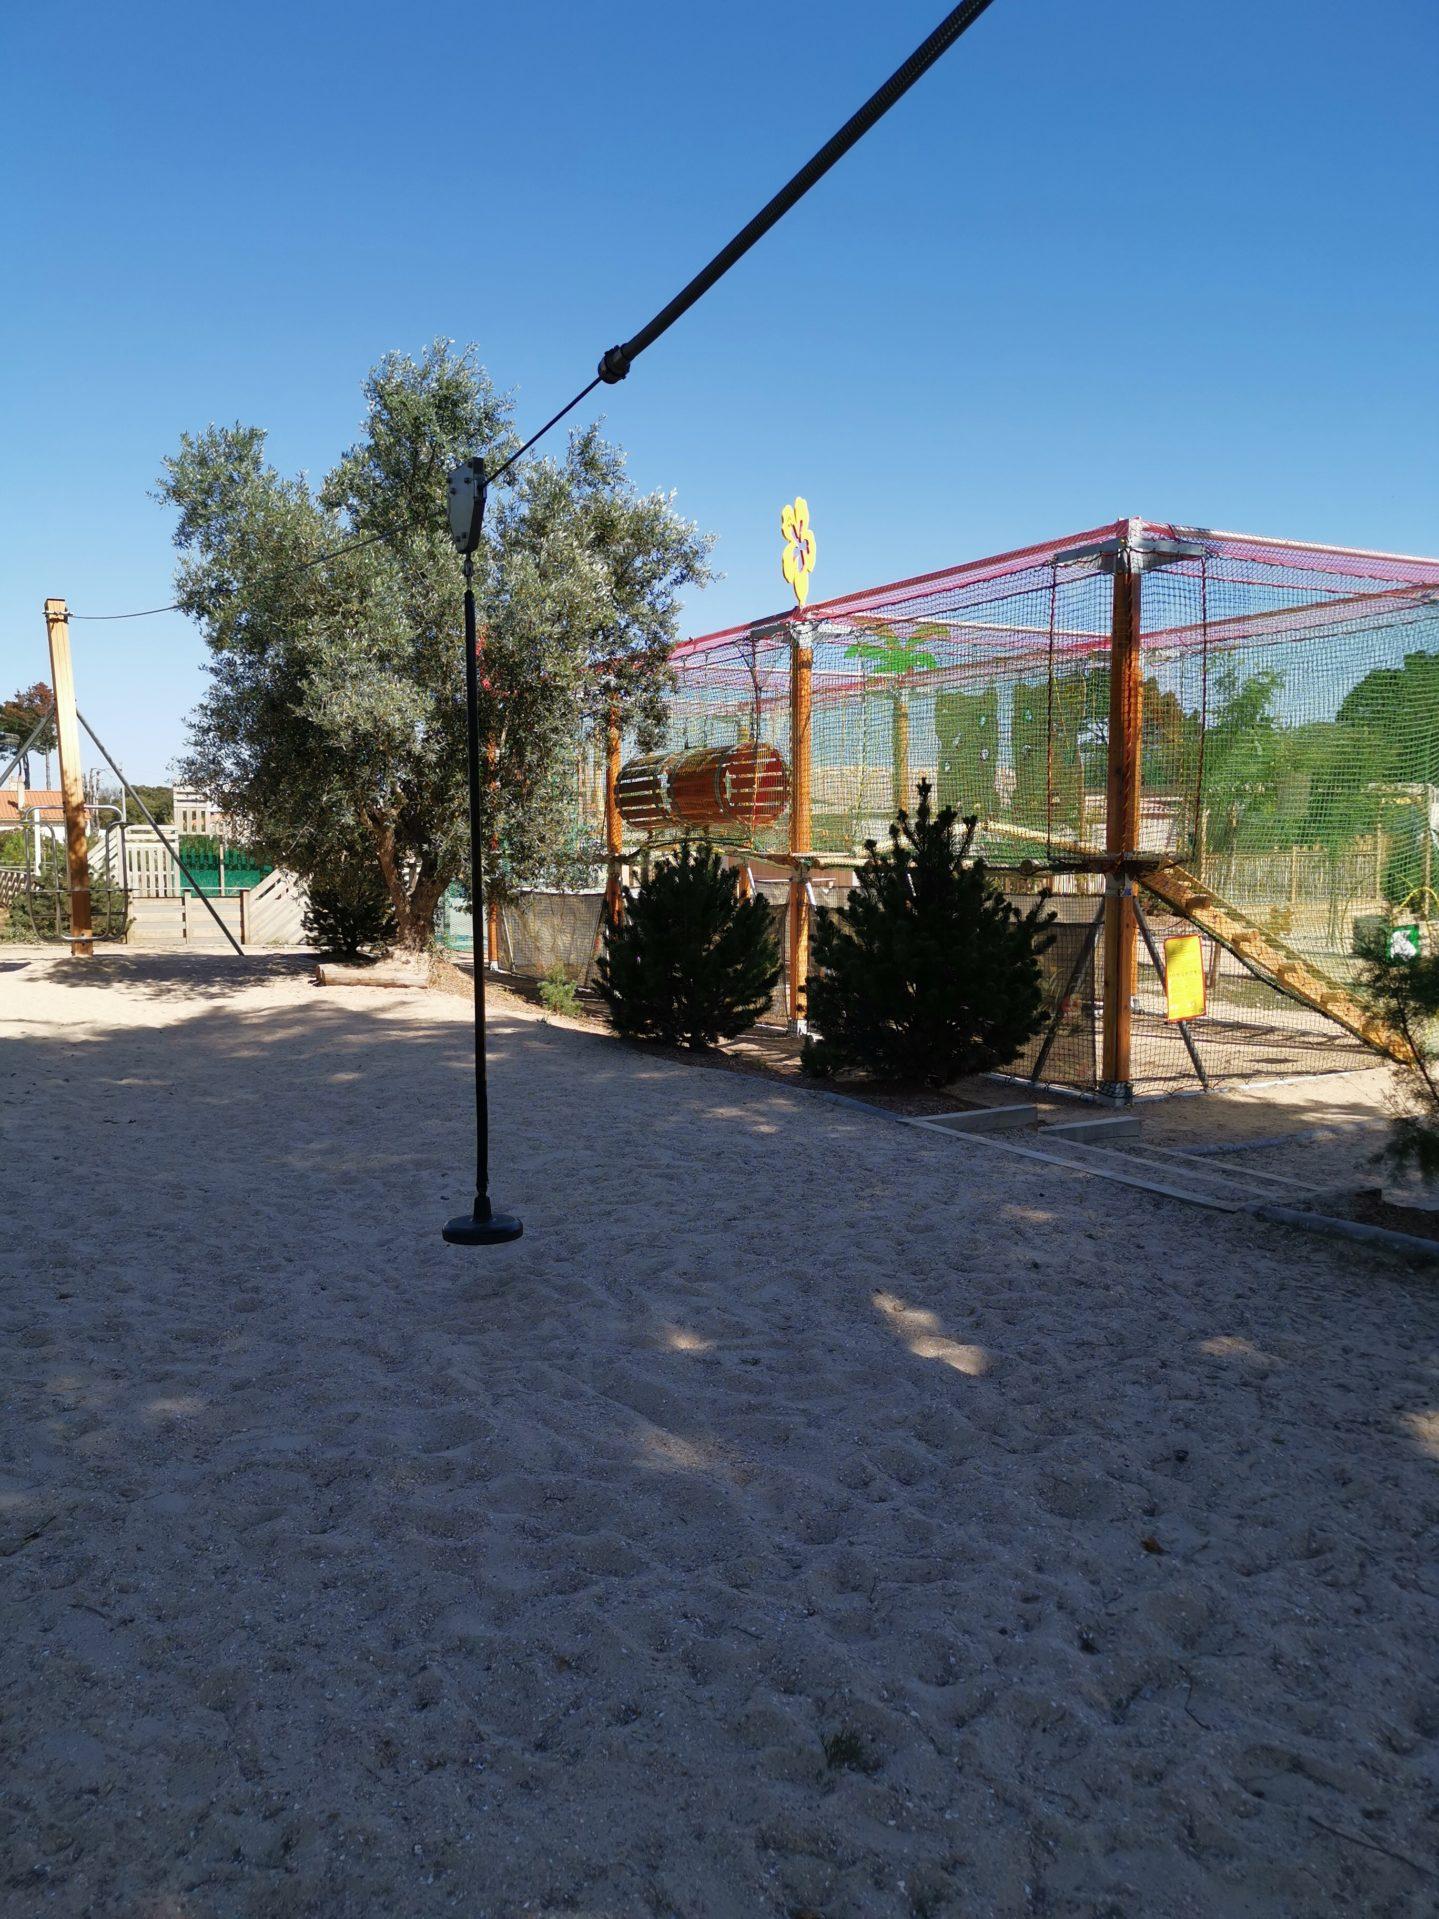 camping Domaine de l'Orée tyrolienne camping les sables d'olonne